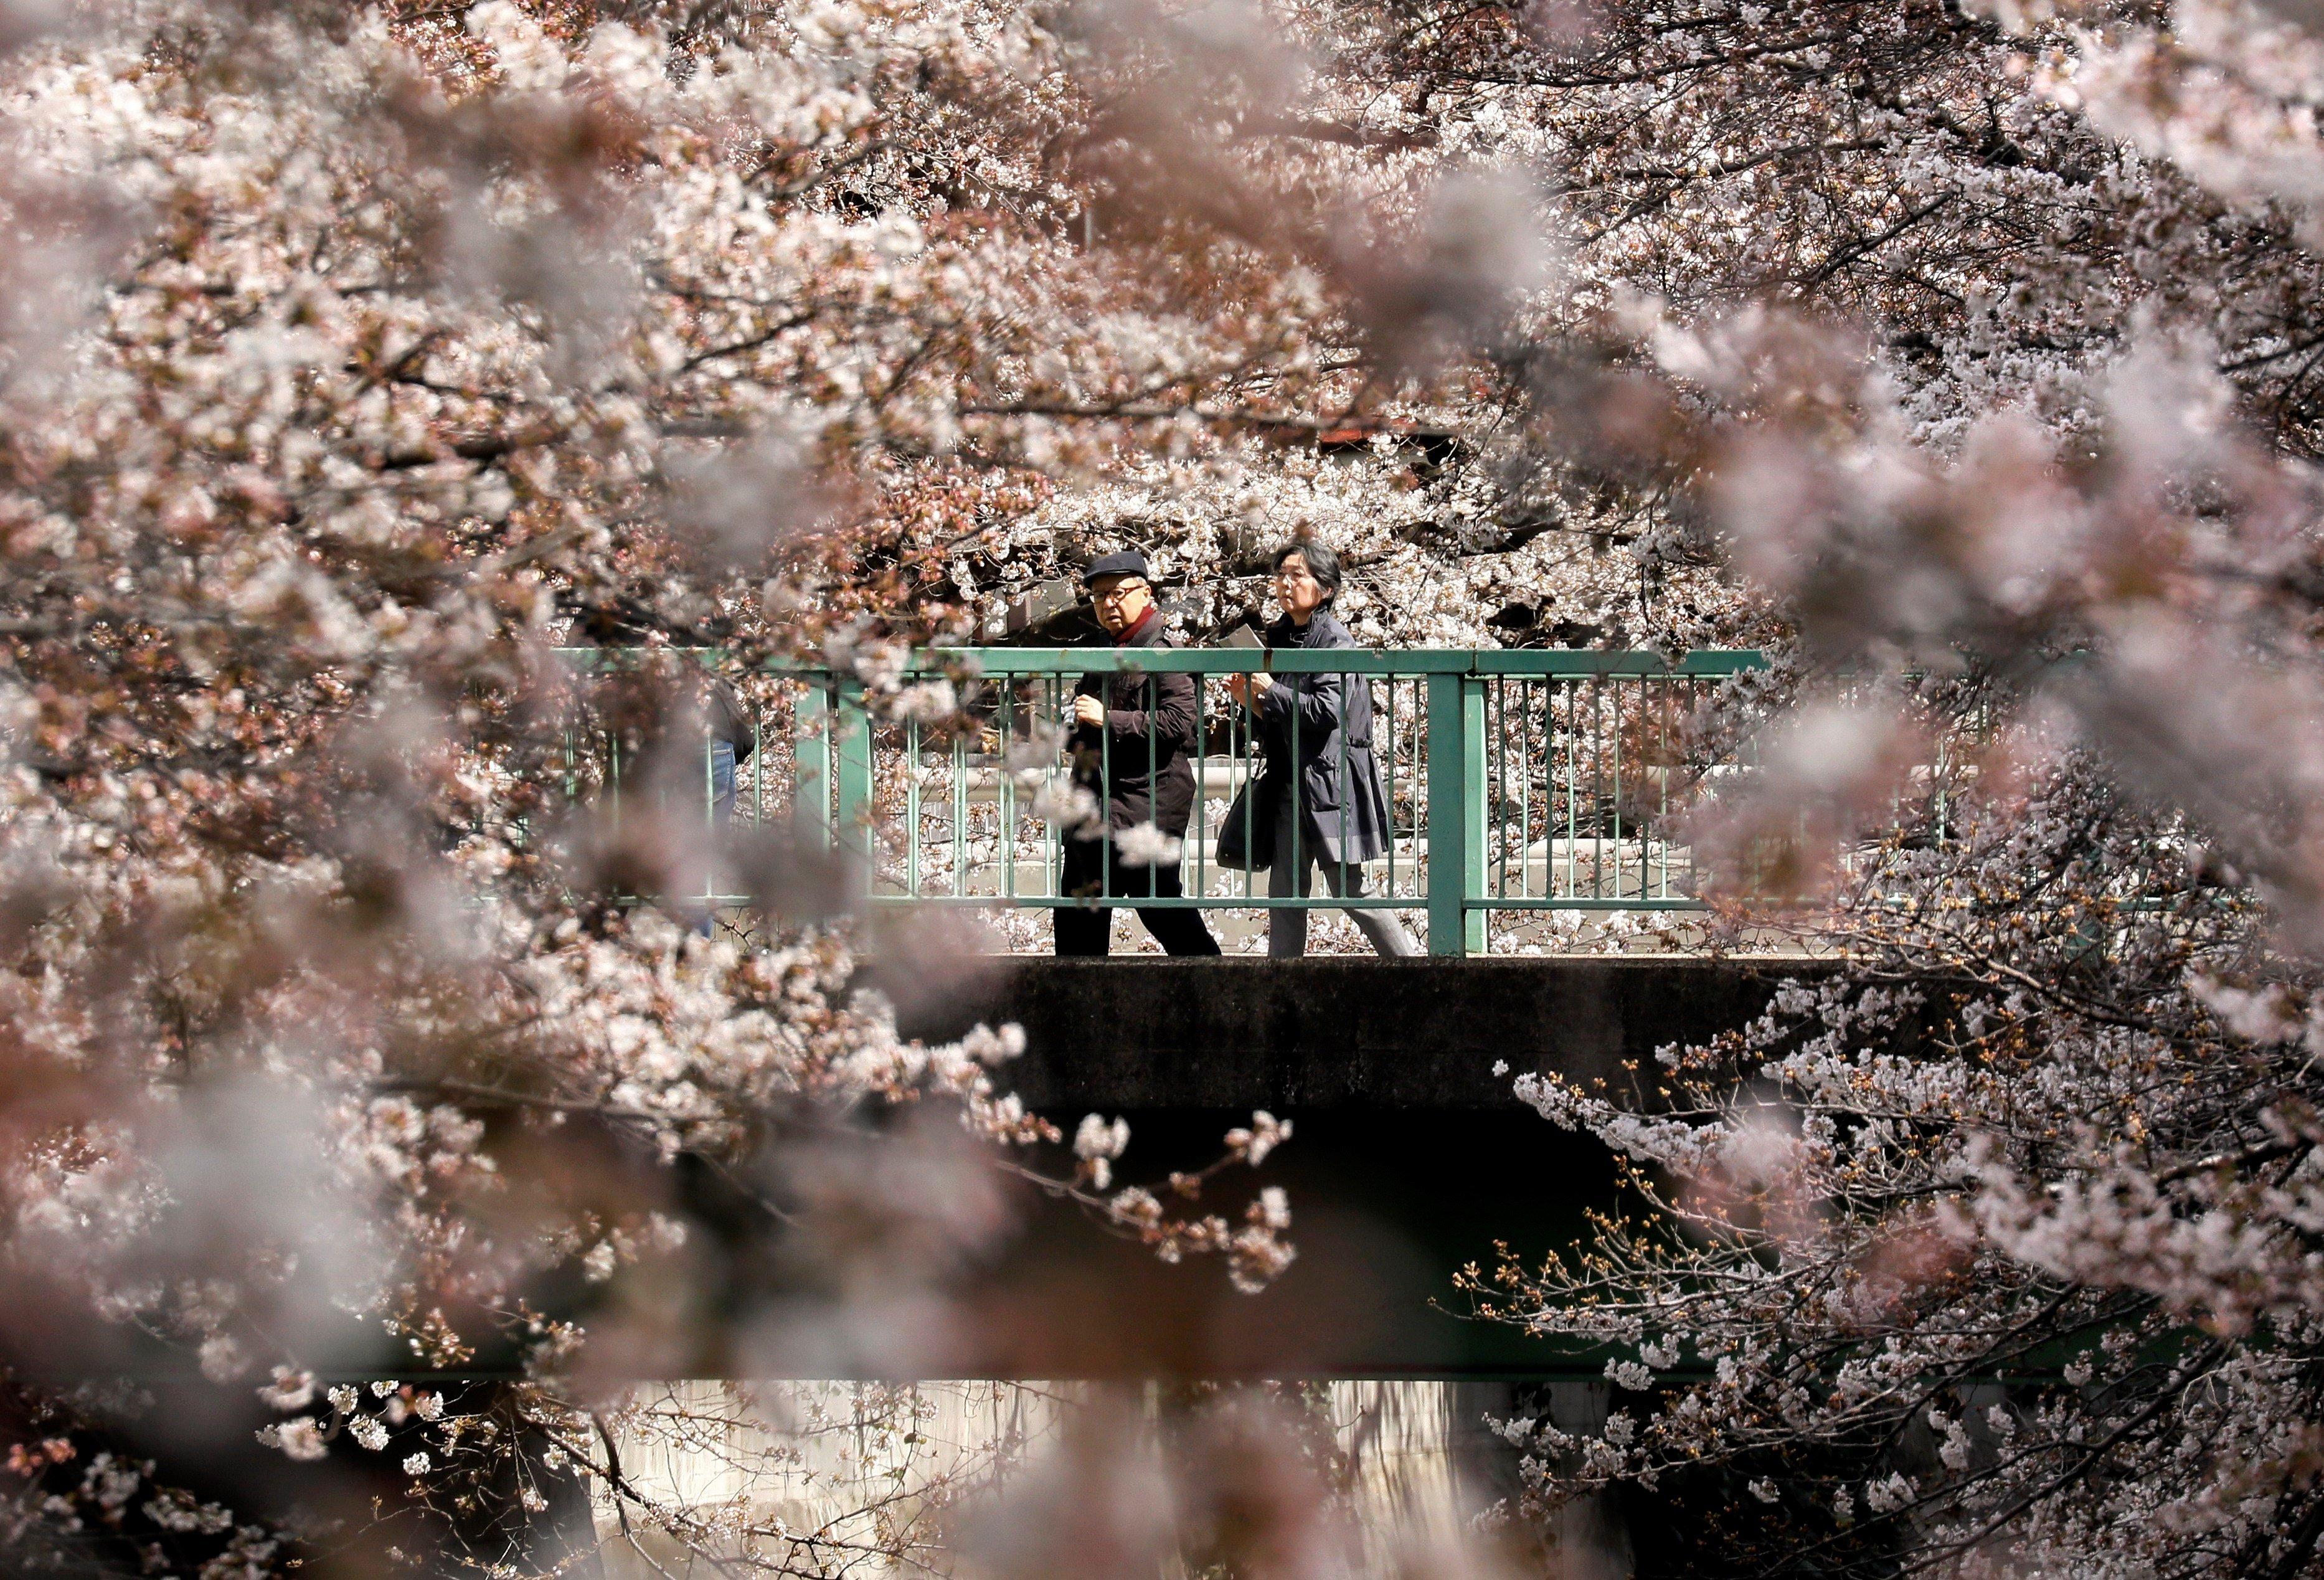 Les altes temperatures, amb 4,4 graus més de mitjana per a aquesta època de l'any, han accelerat la floració dels cirerers a Tòquio. /KIMIMASA MAYAMA